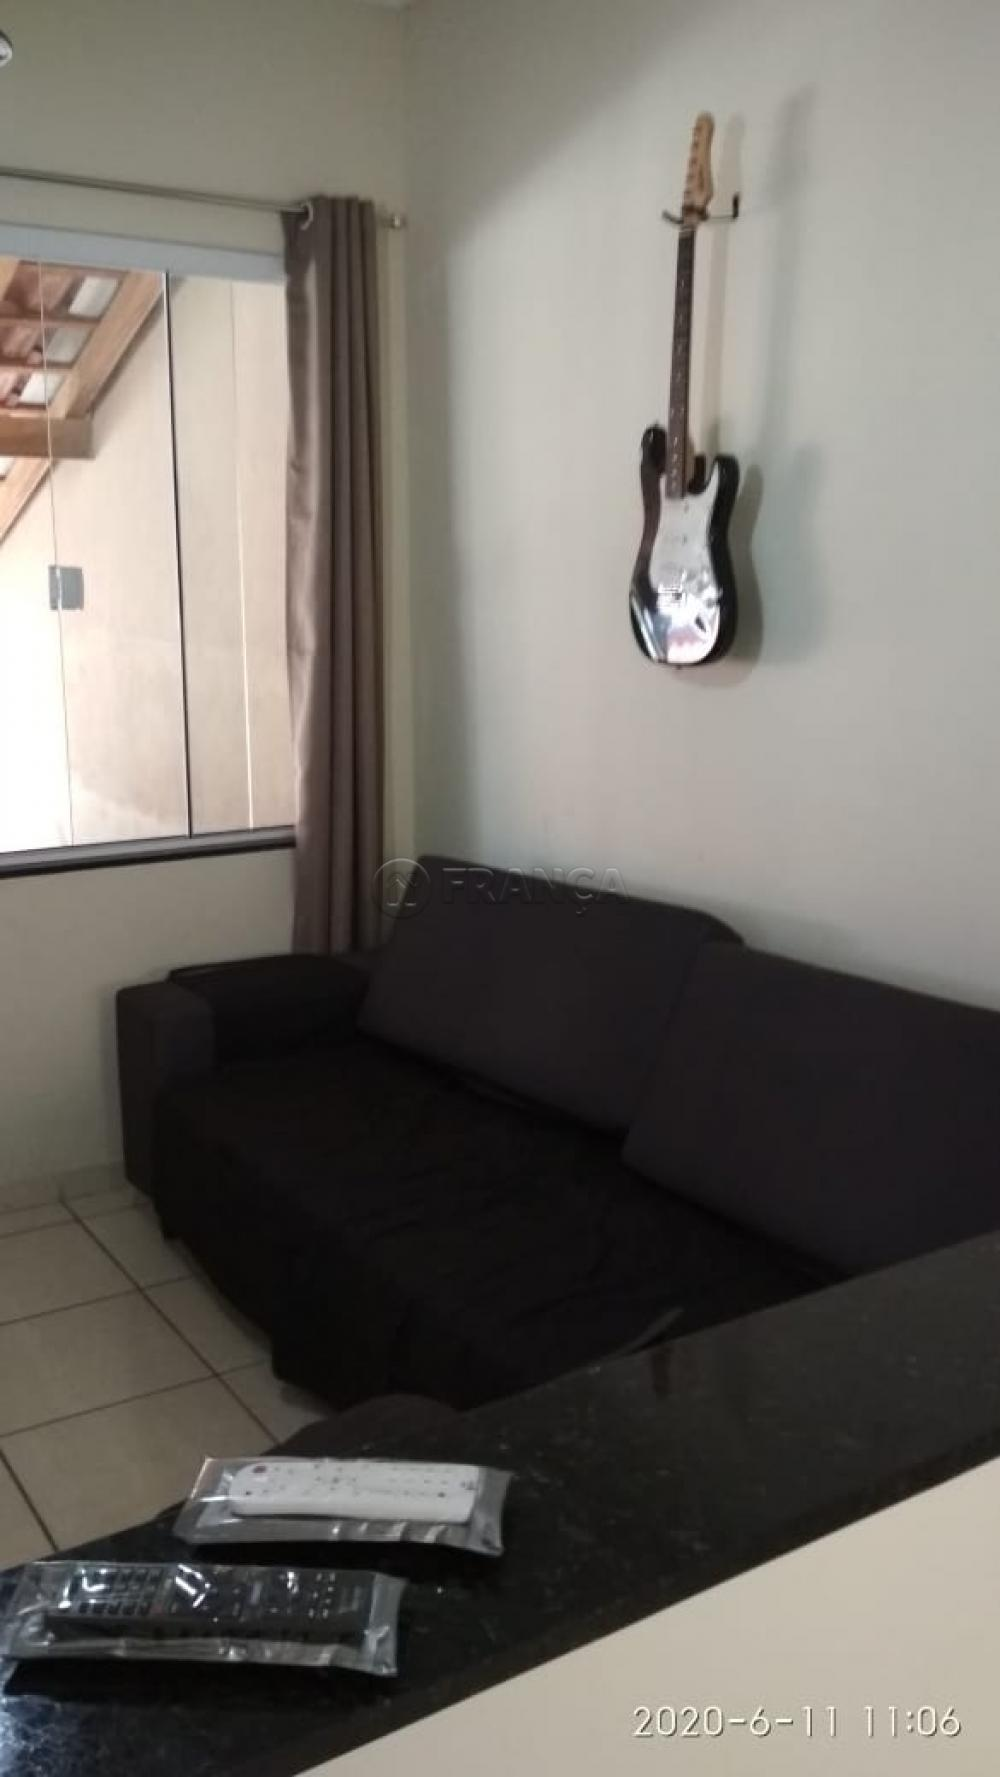 Comprar Casa / Padrão em Caçapava apenas R$ 160.000,00 - Foto 1